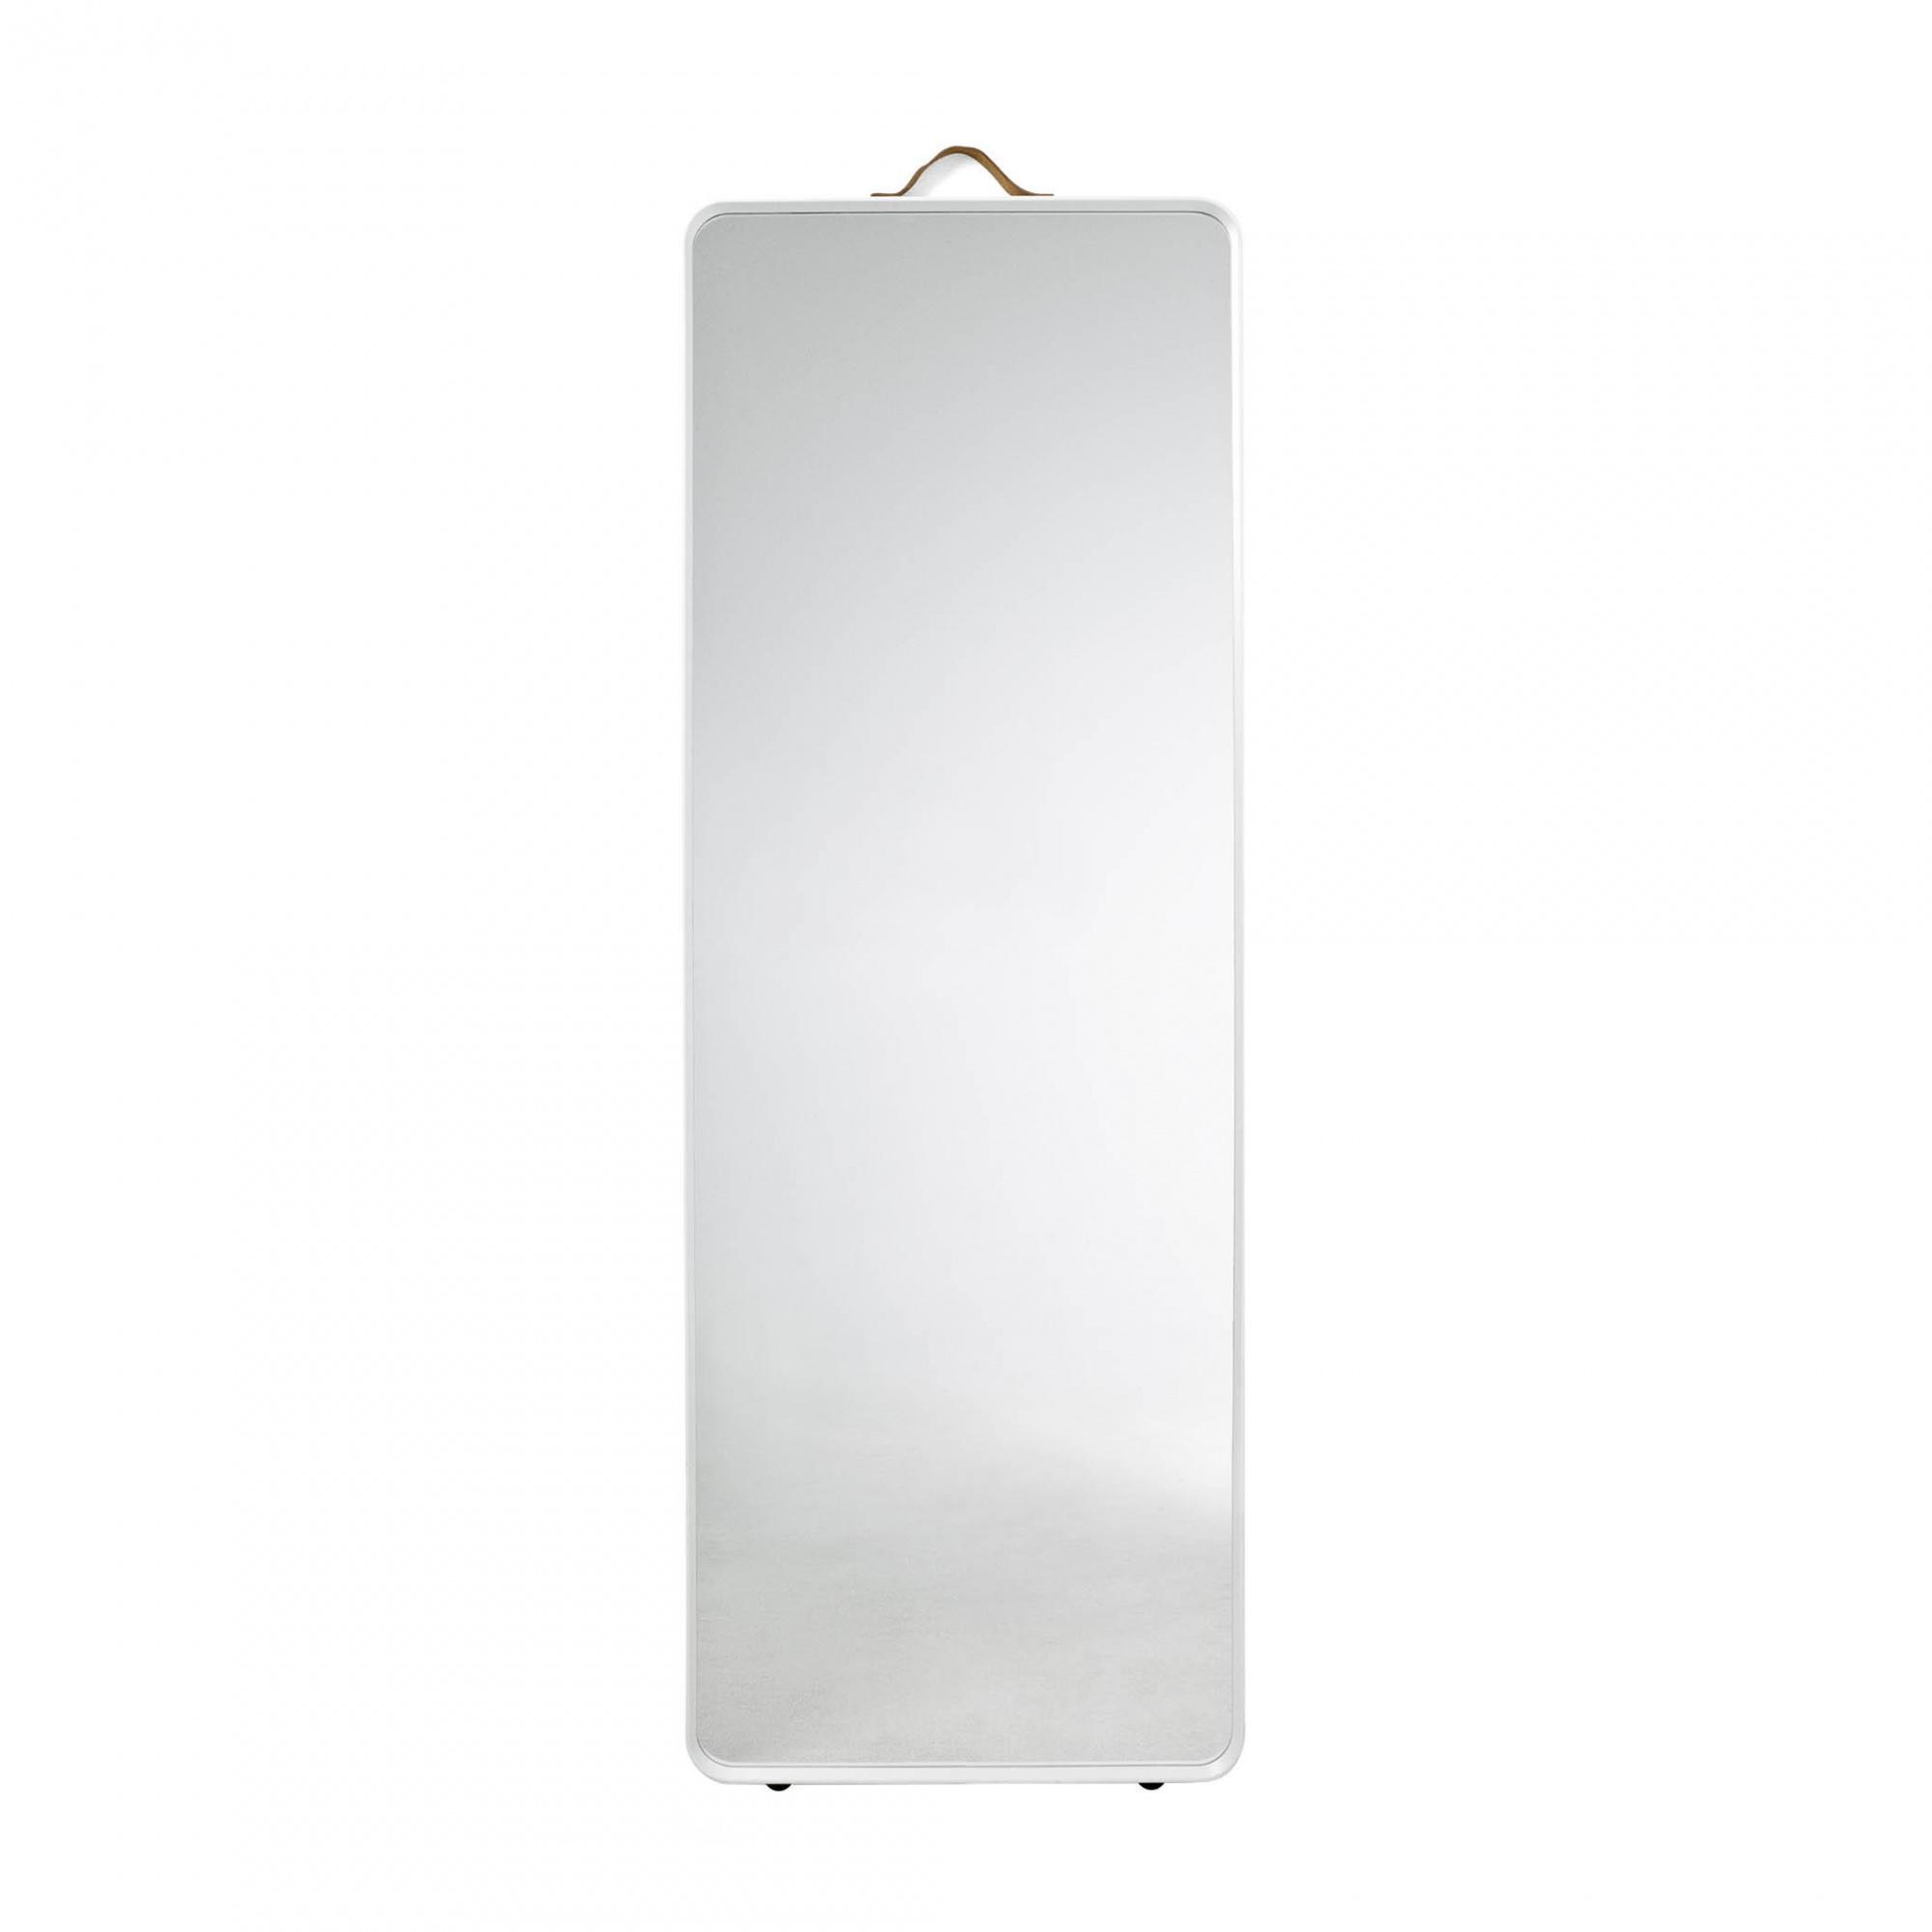 Menu - Norm Floor Mirror Standspiegel - weiß/pulverbeschichtet/HxBxT 170x60x3|5cm | Flur & Diele > Spiegel > Standspiegel | Weiß | Aluminium| spiegelglas| leder | Menu